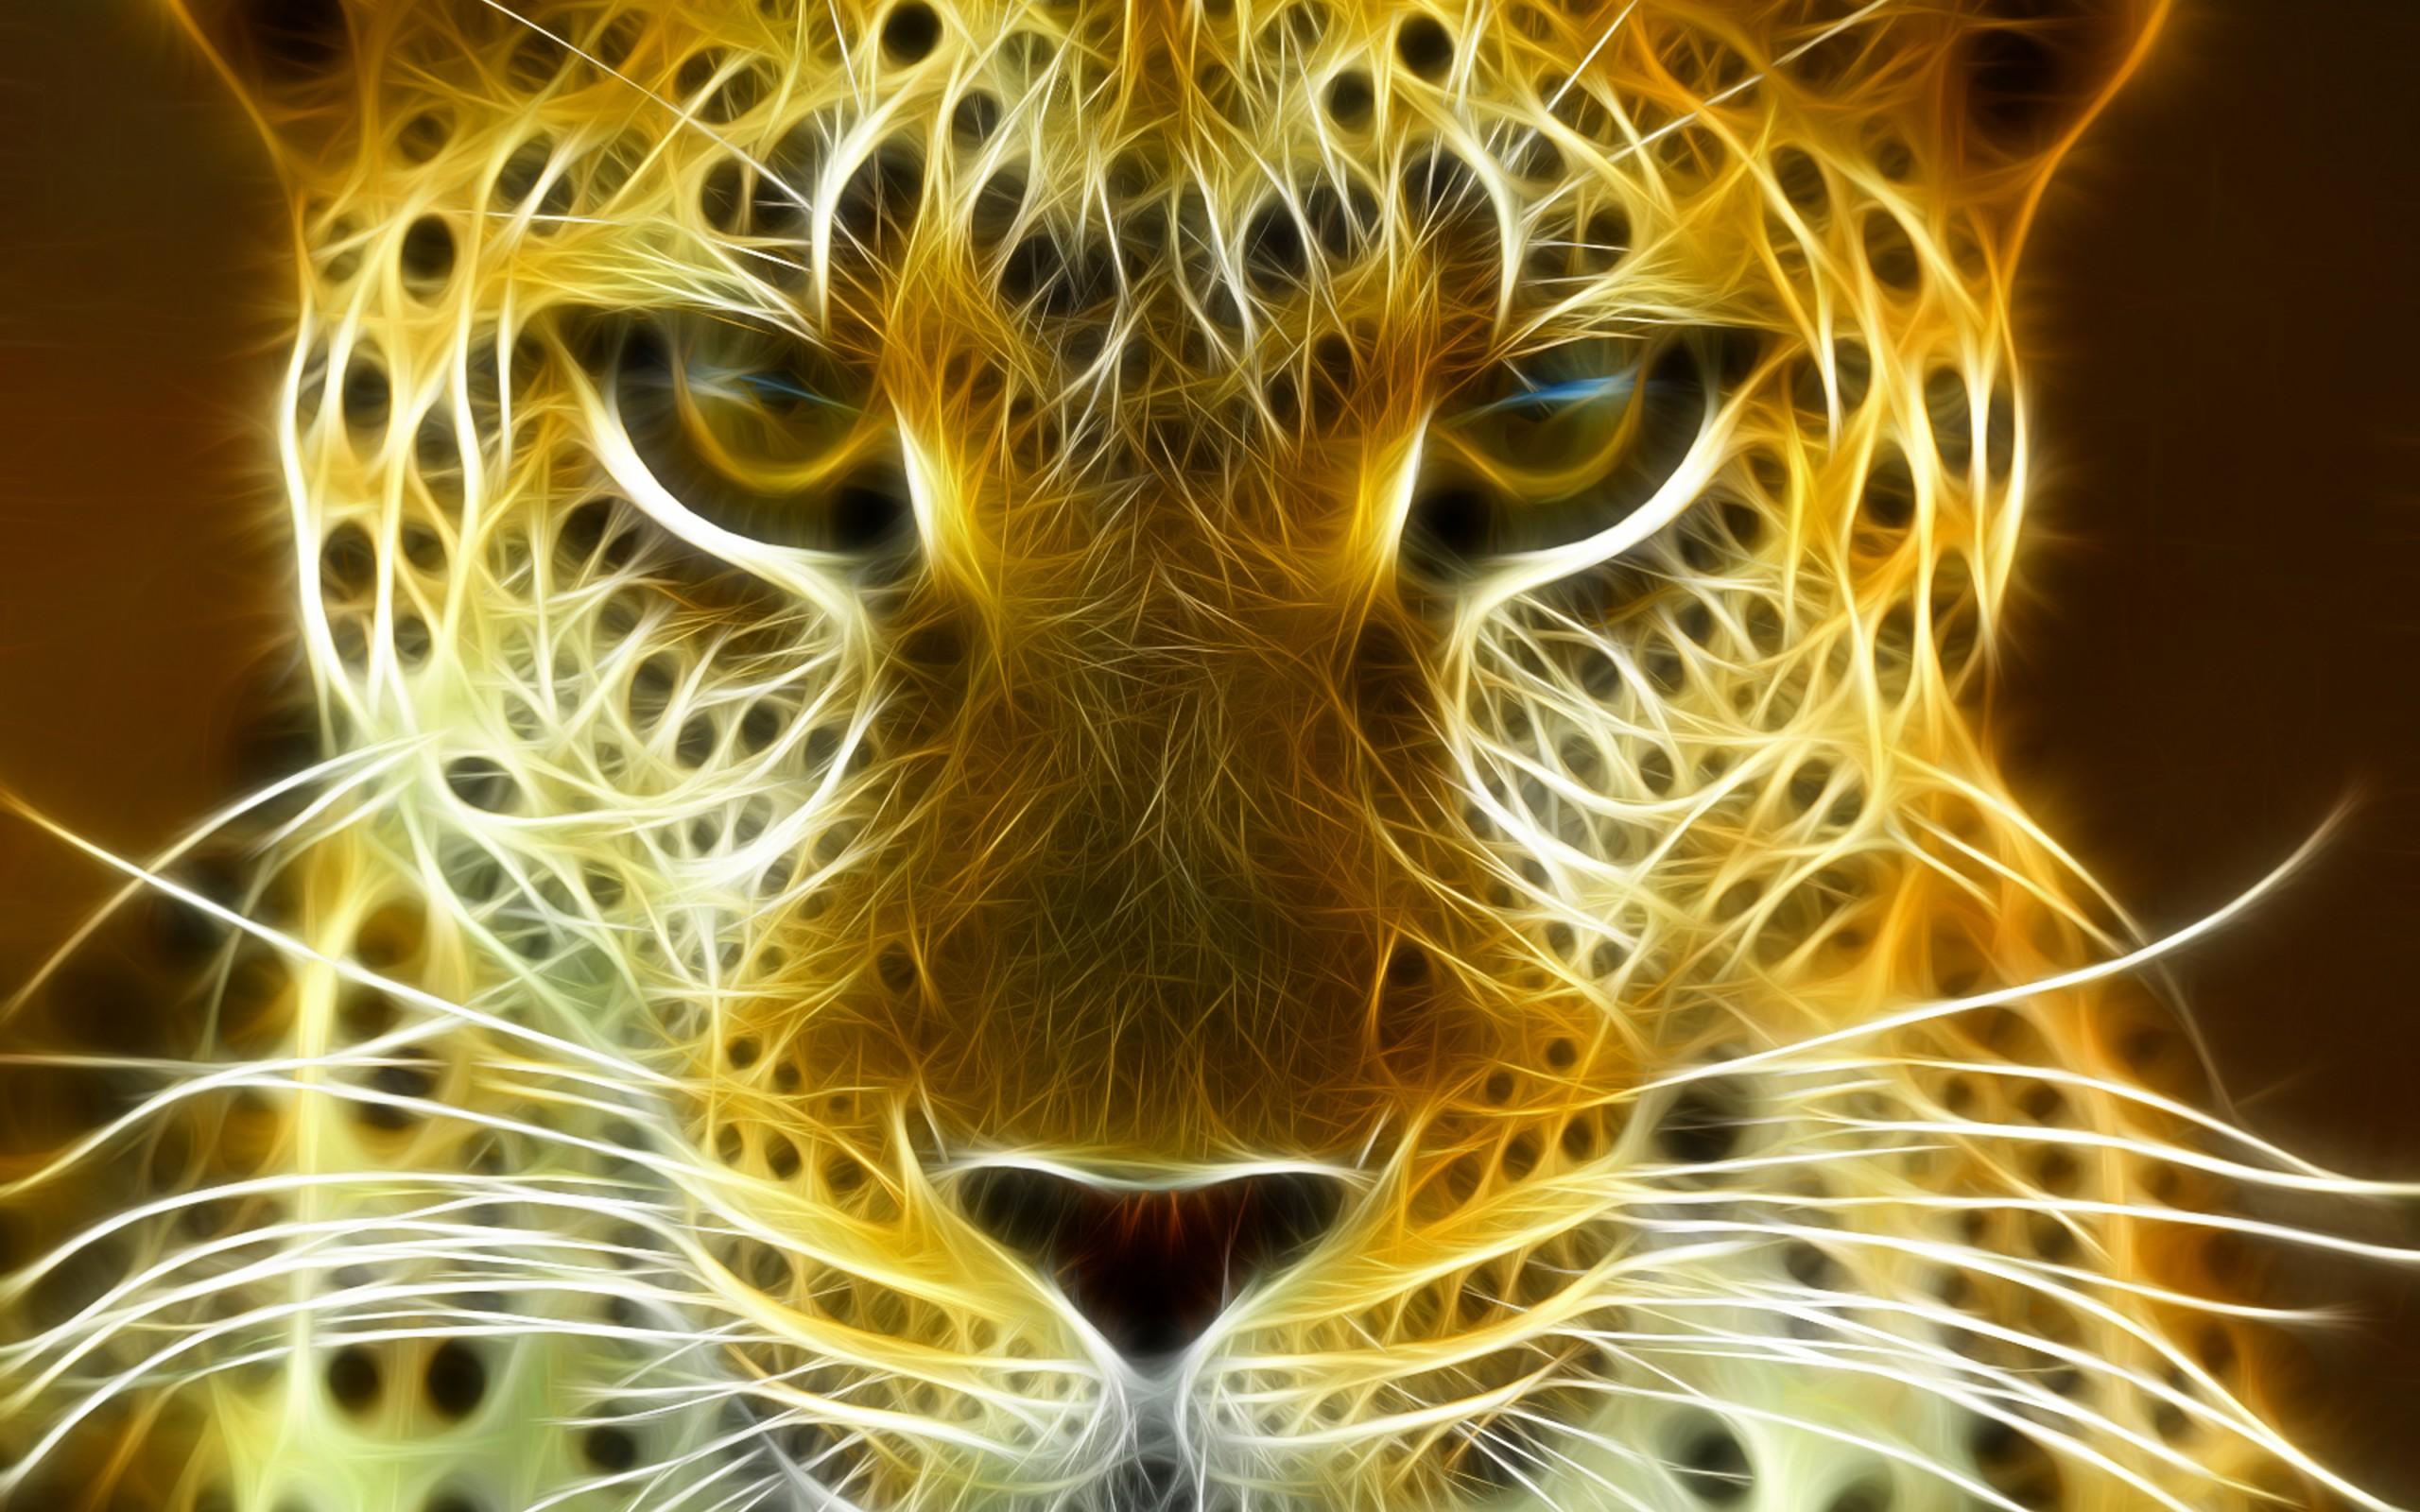 роман девушки картинки леопарда абстракция расходные материалы